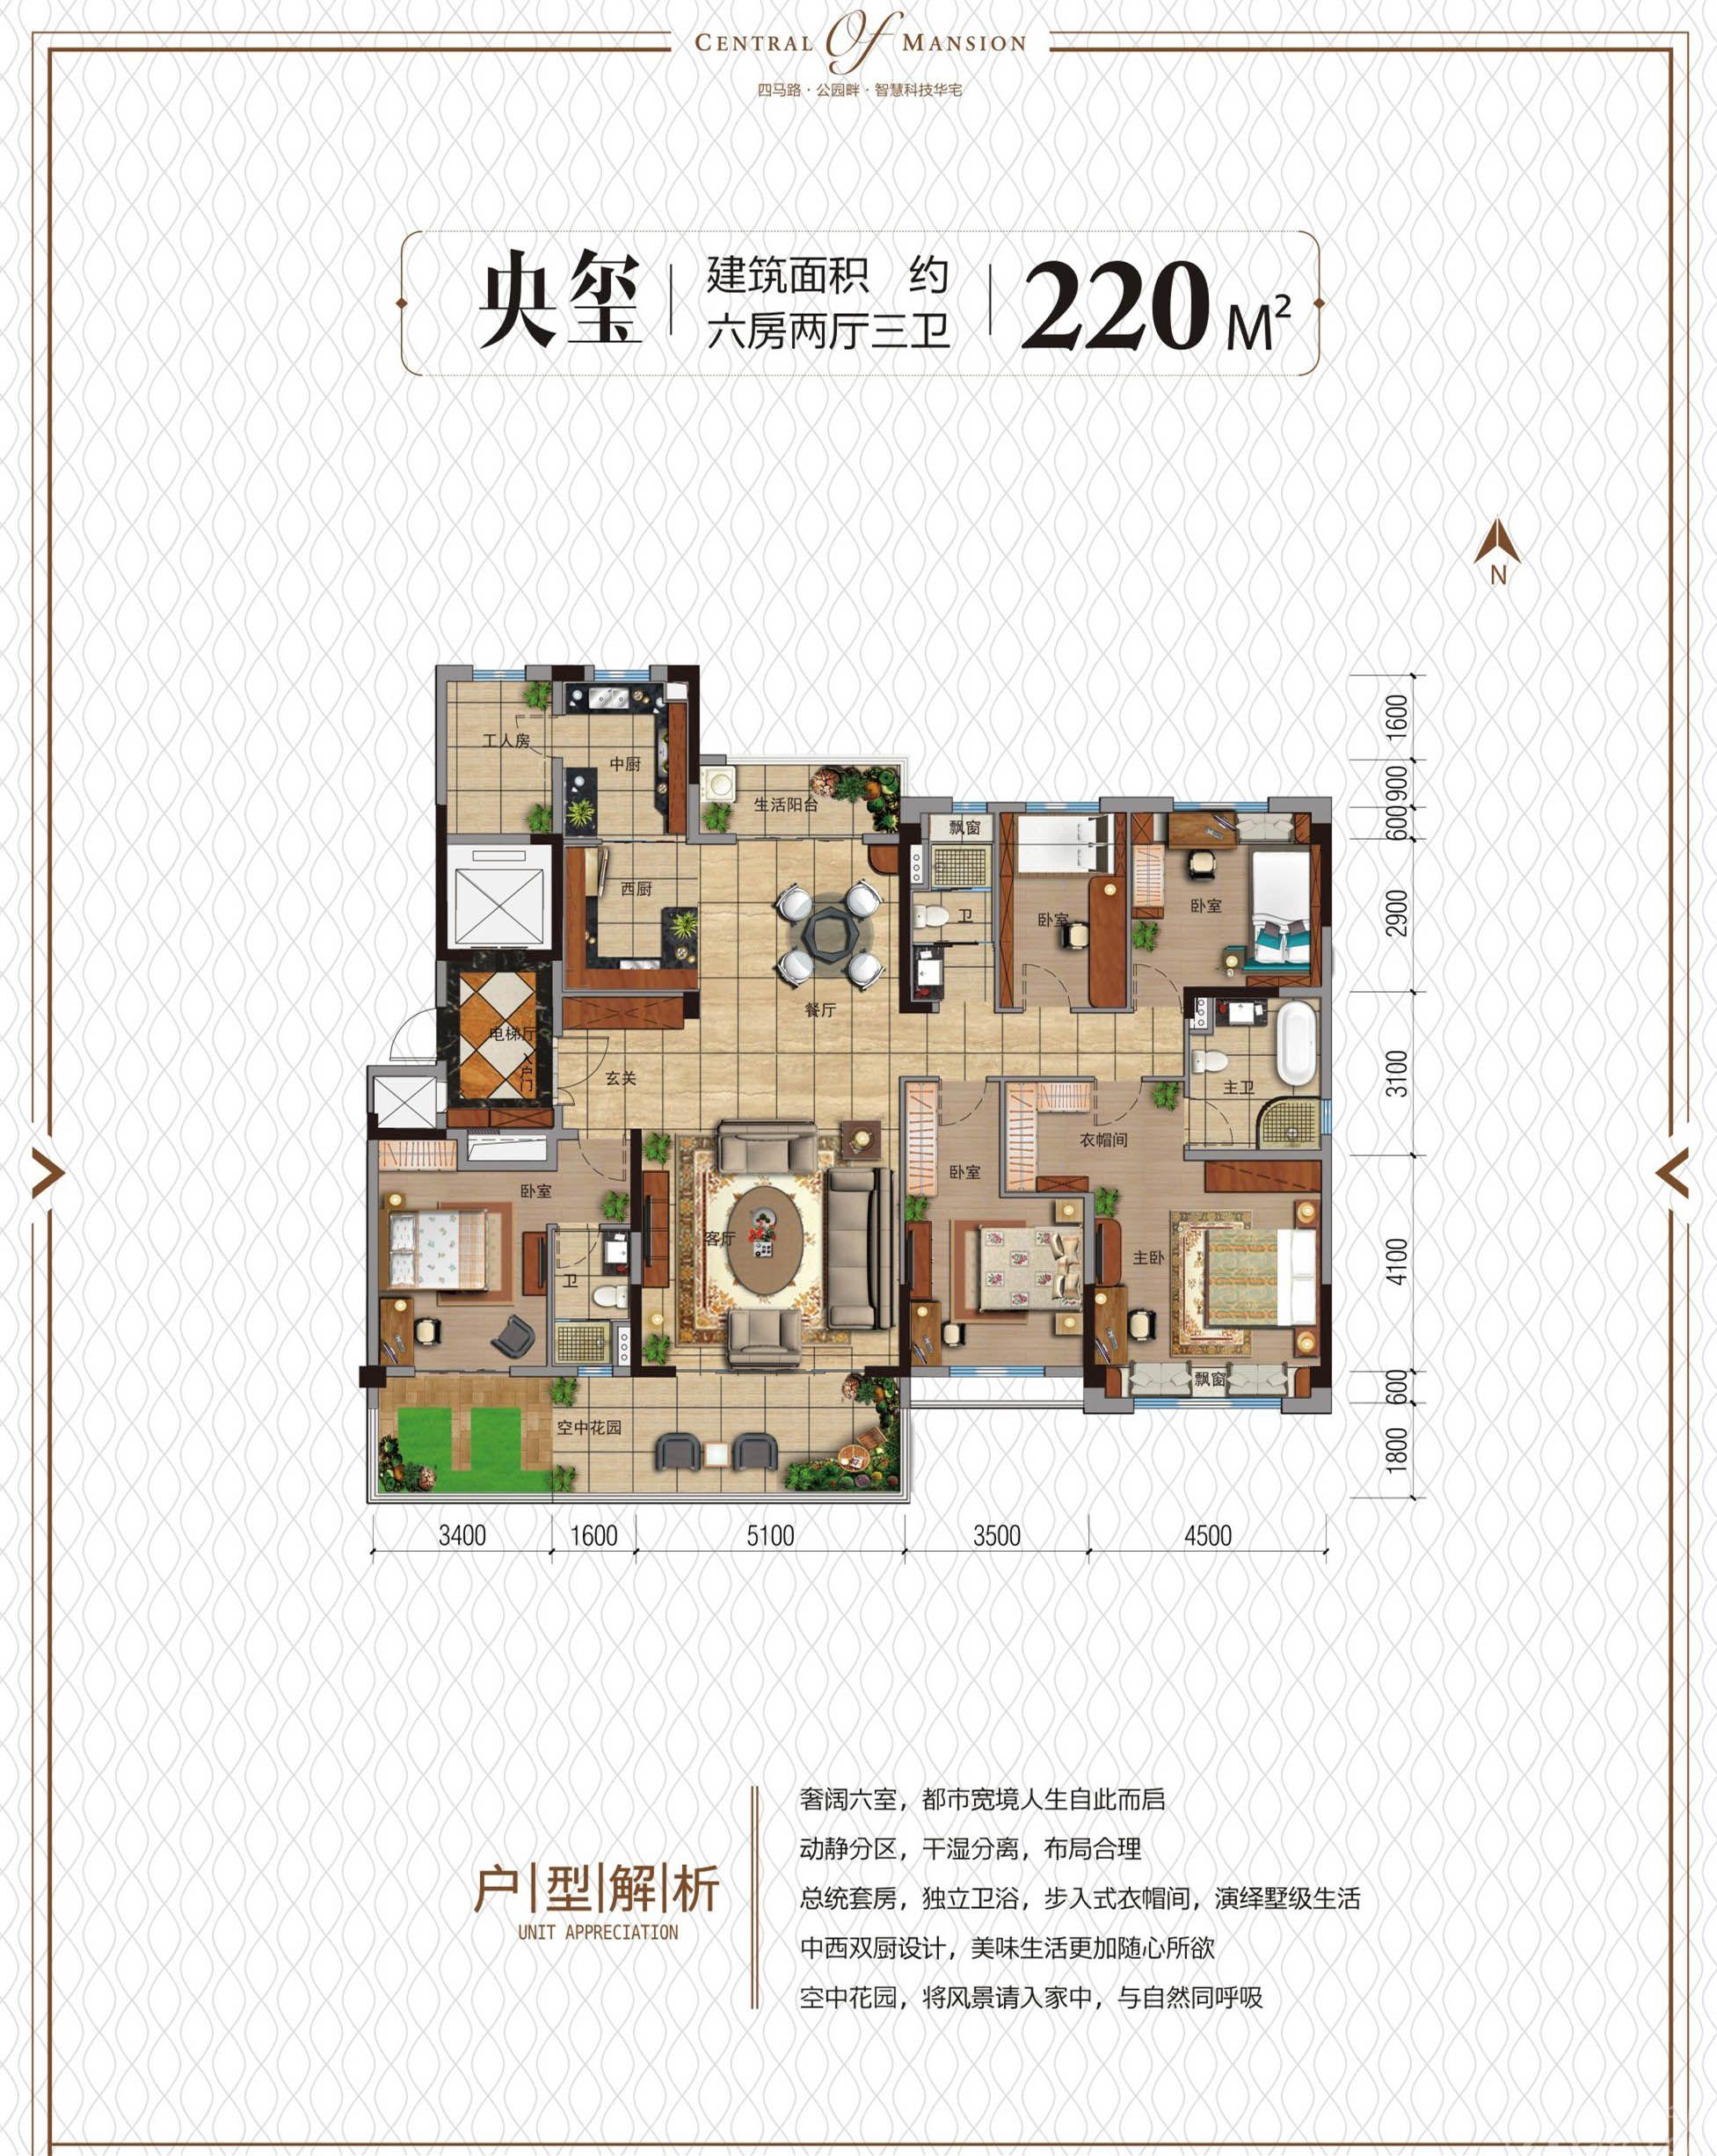 碧桂园天玺央玺6室2厅220平米